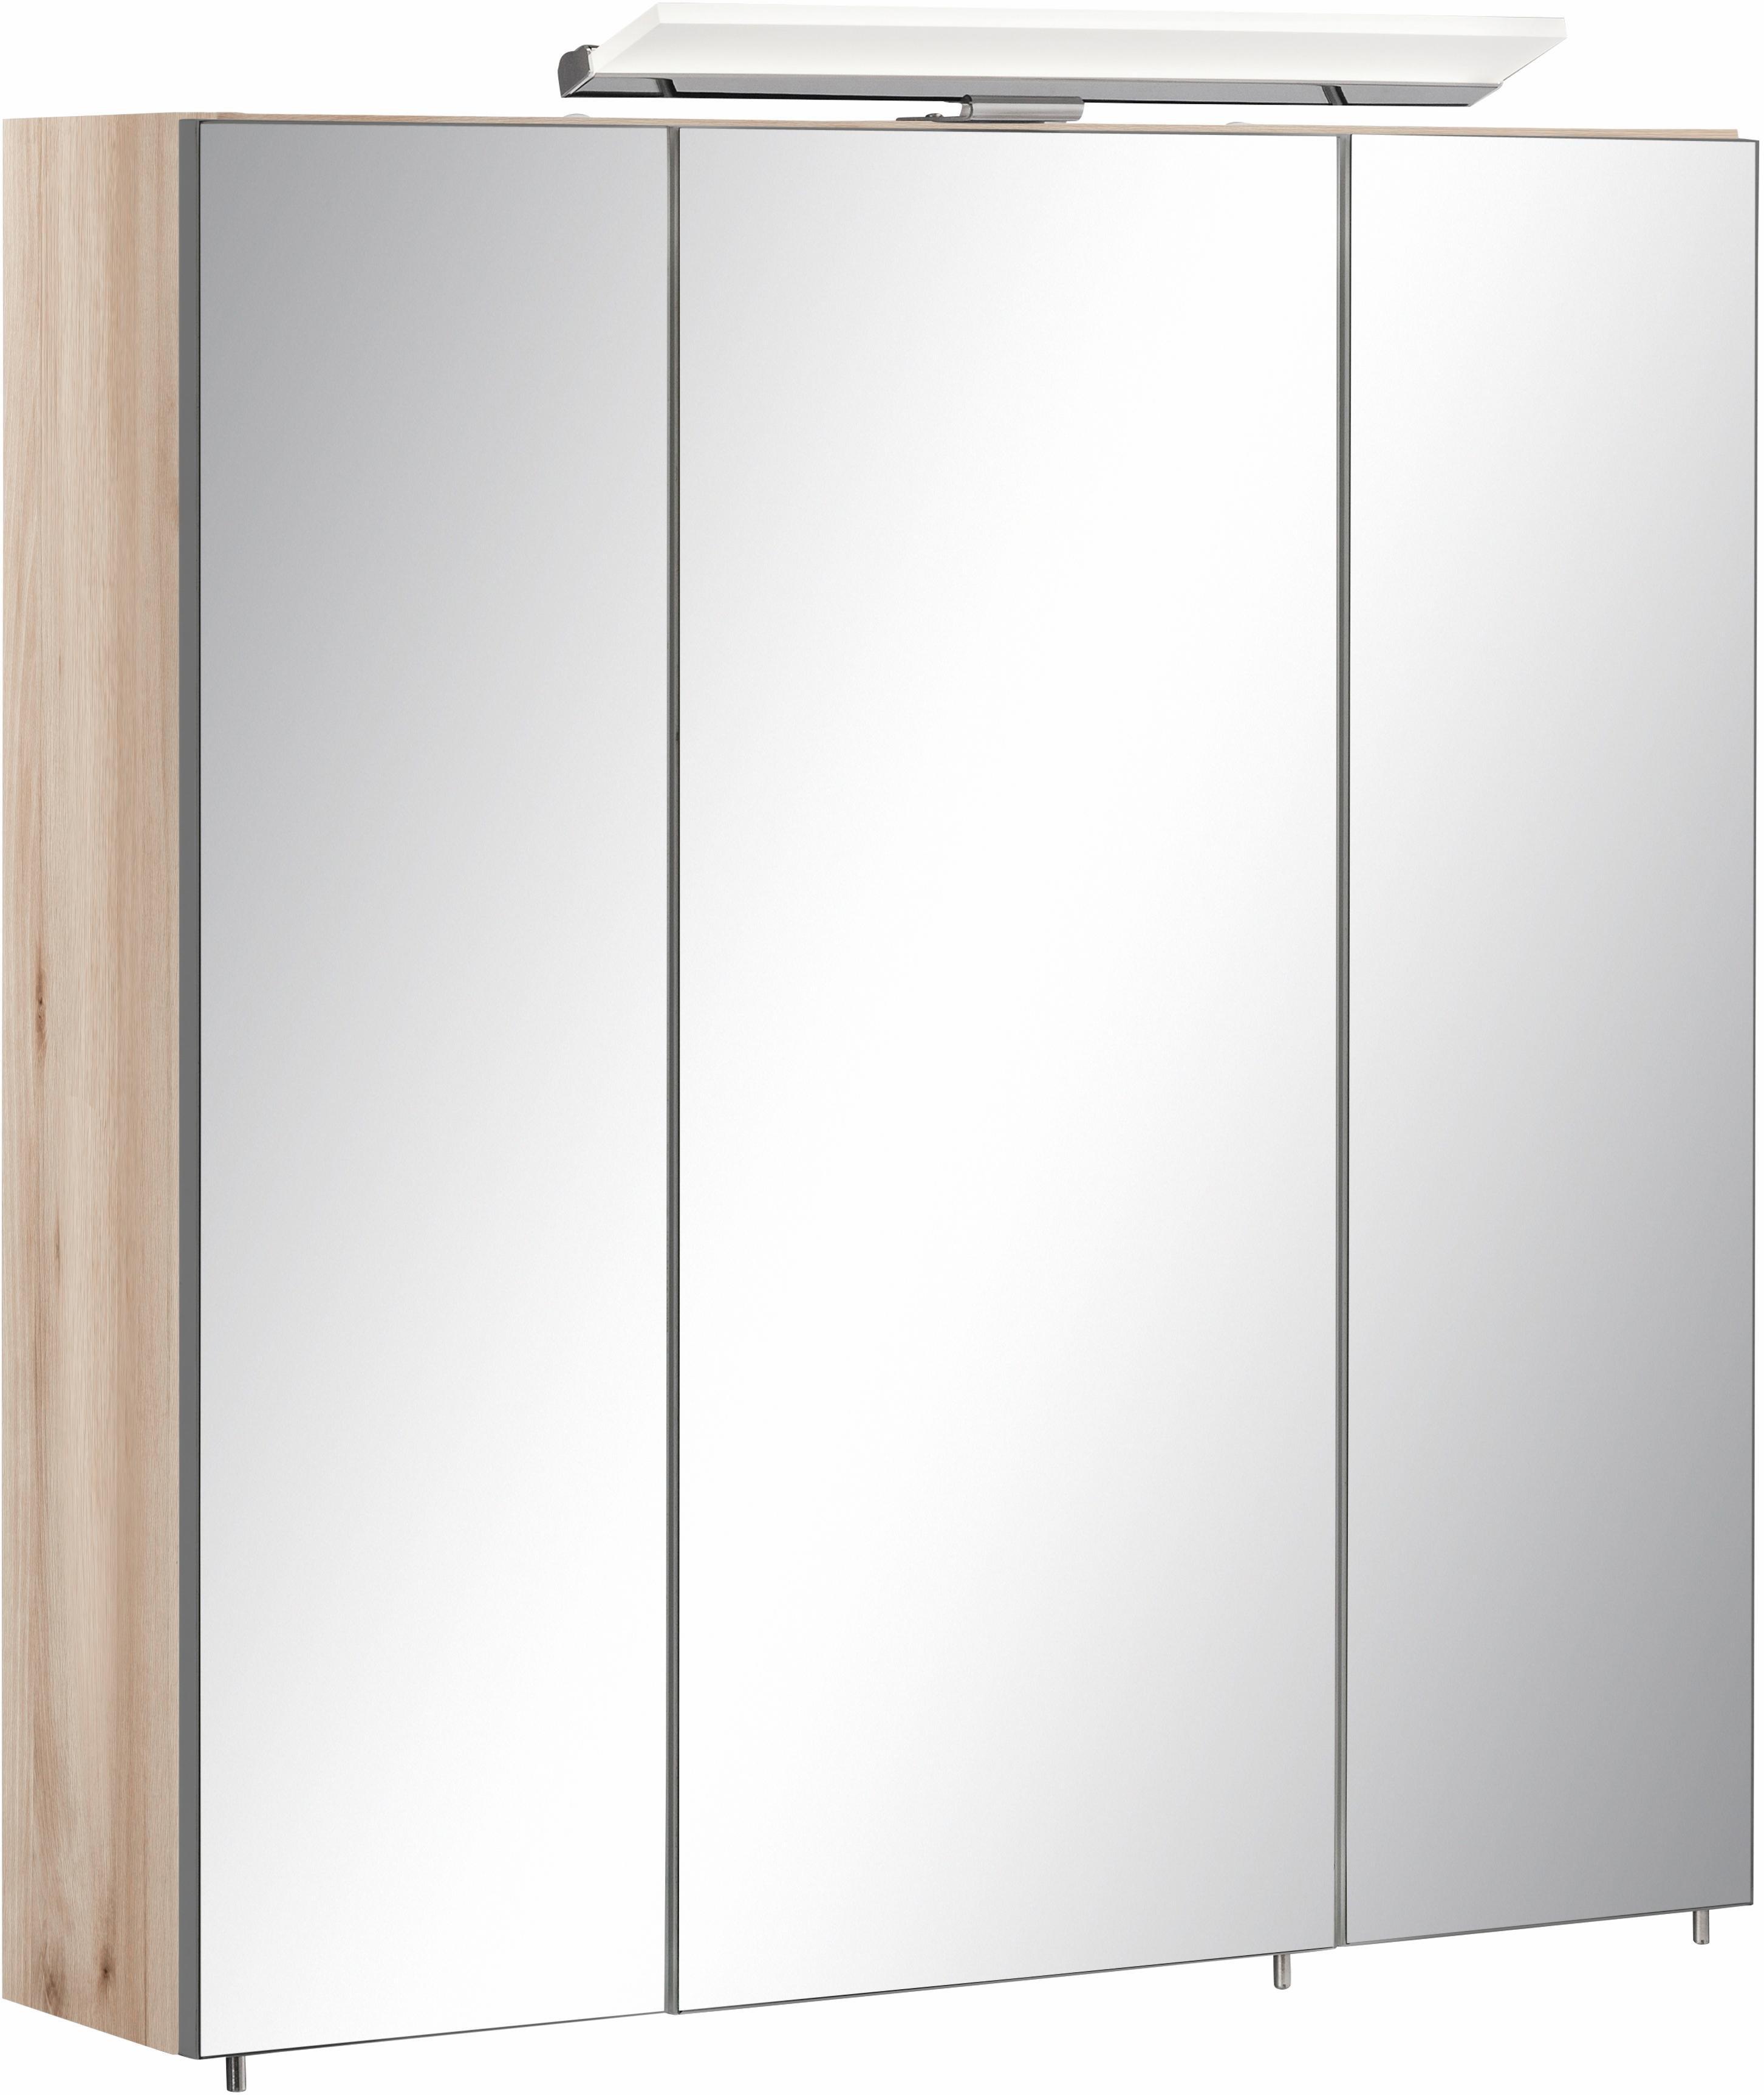 SCHILDMEYER spiegelkast »Joey« met LED-verlichting nu online kopen ...